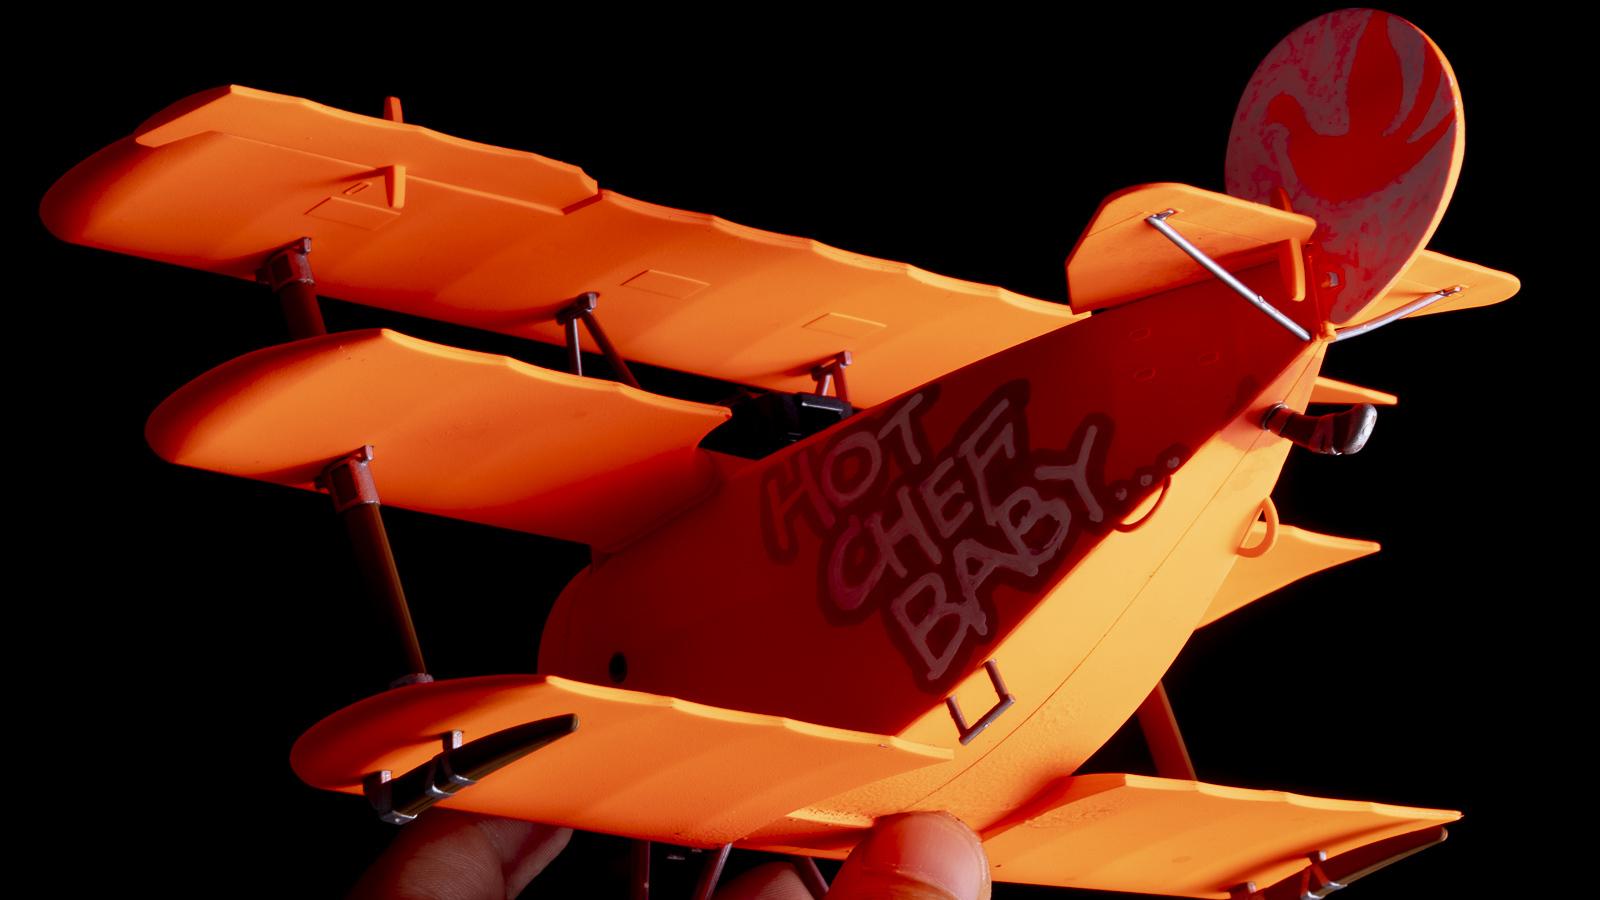 上海発、インディーズプラモメーカーの飛行機模型に痺れた話_b0029315_20132629.jpg